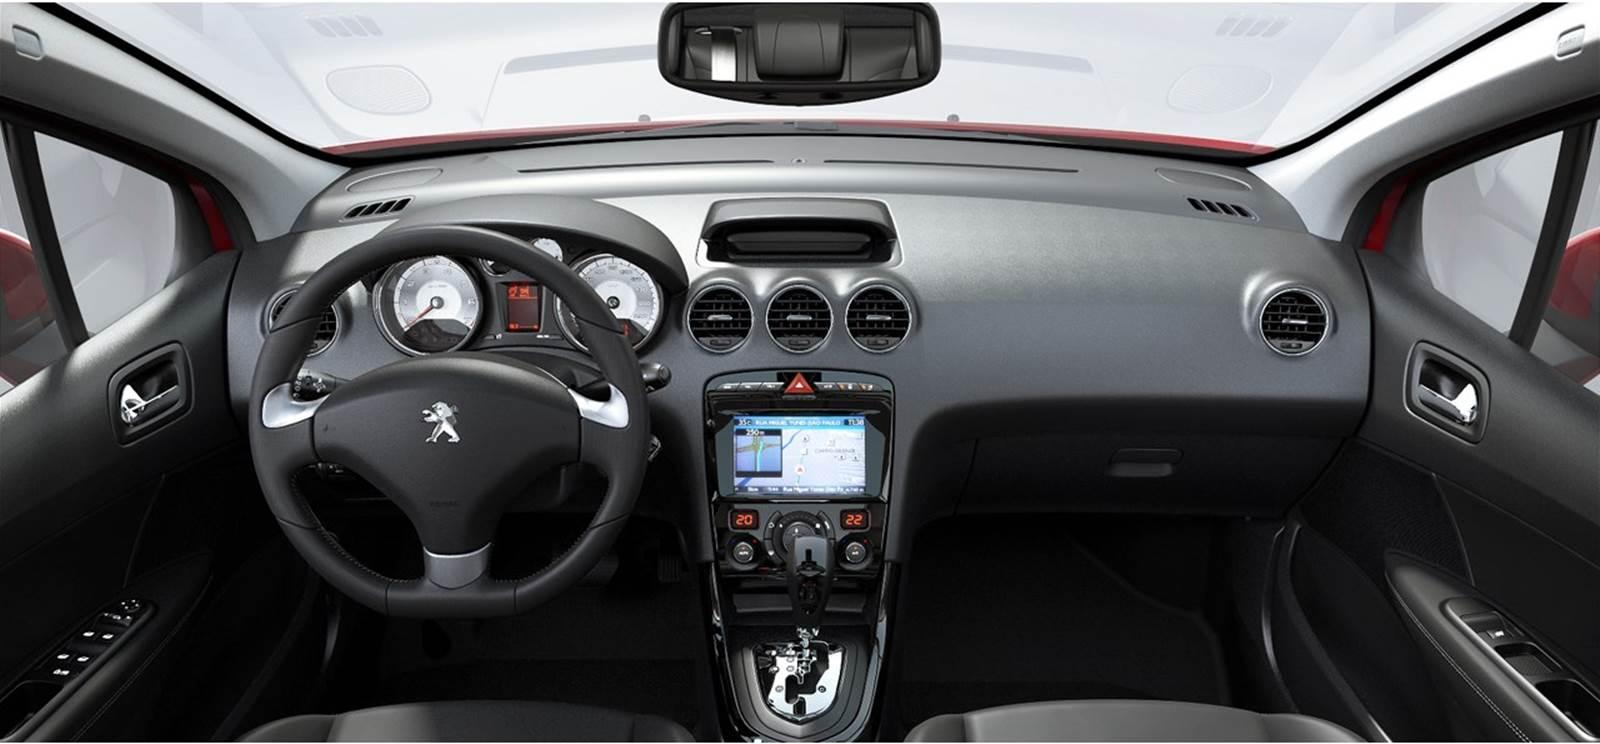 Peugeot 308 2017 - interior